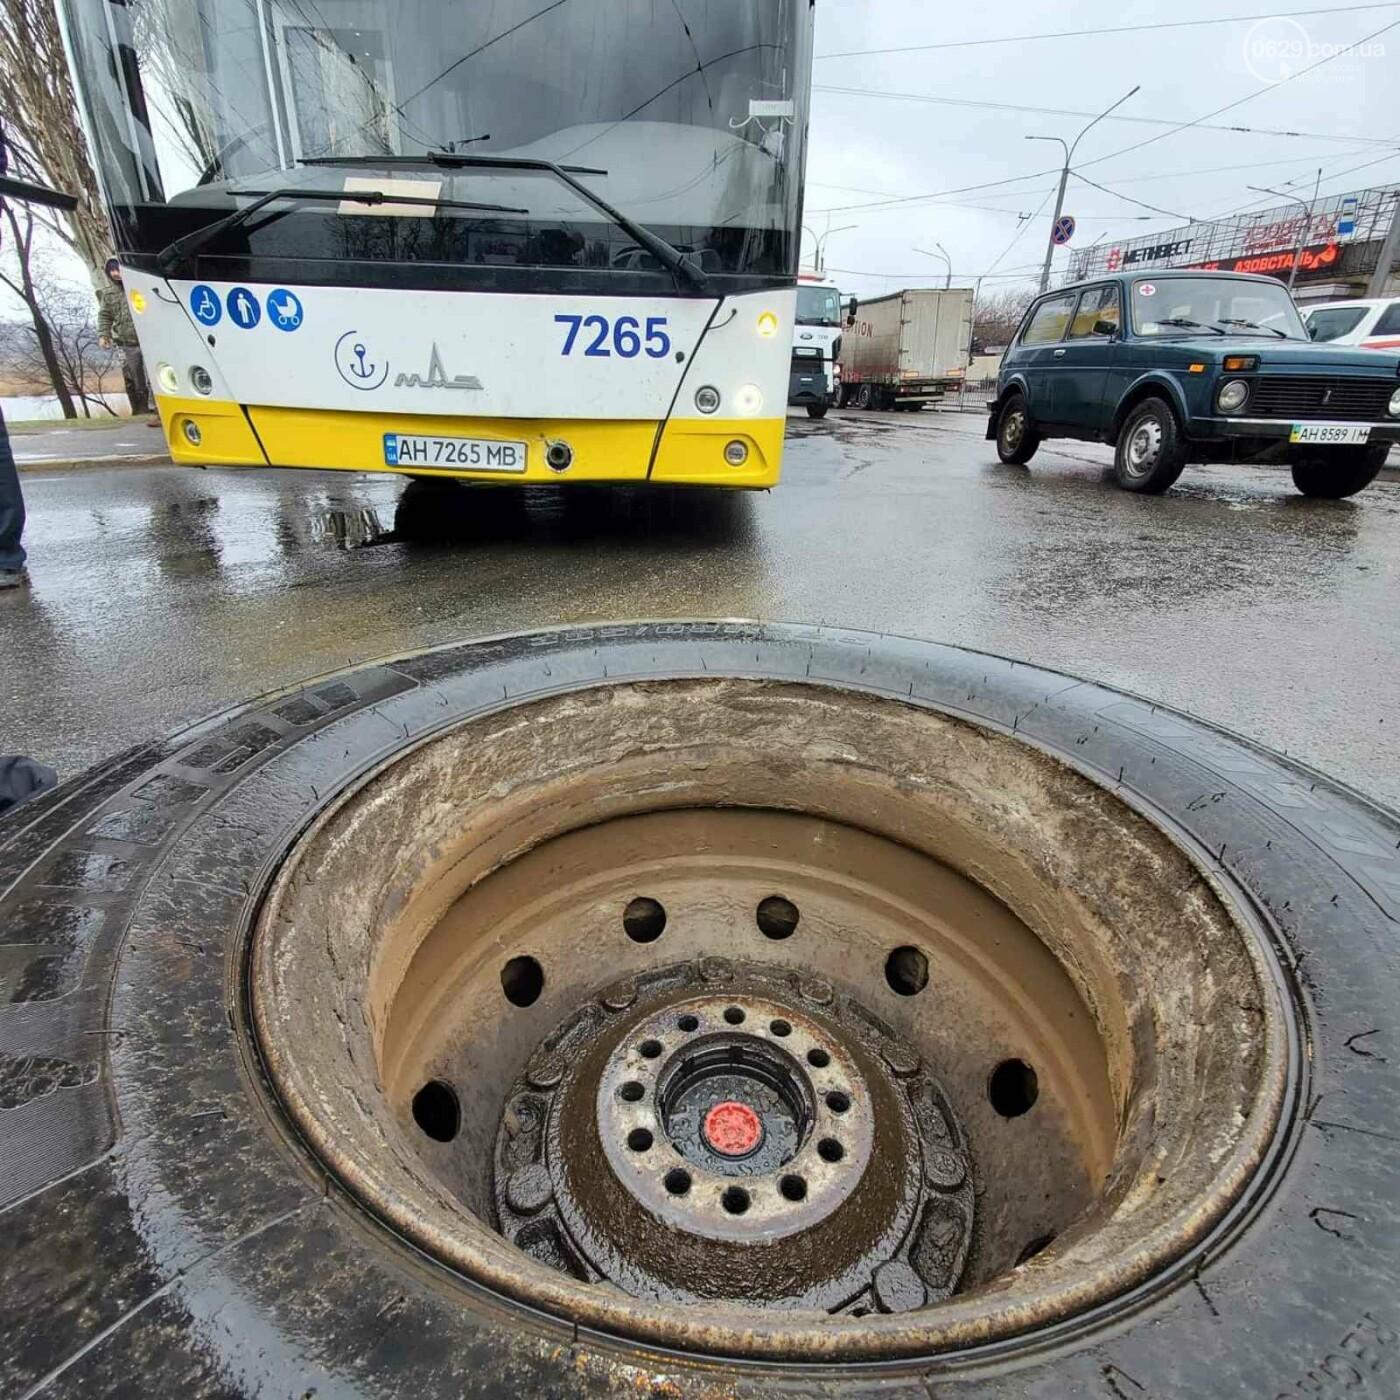 В Мариуполе у грузовика оторвалось колесо, покатилось по дороге и врезалось в автобус, - ФОТО, фото-2